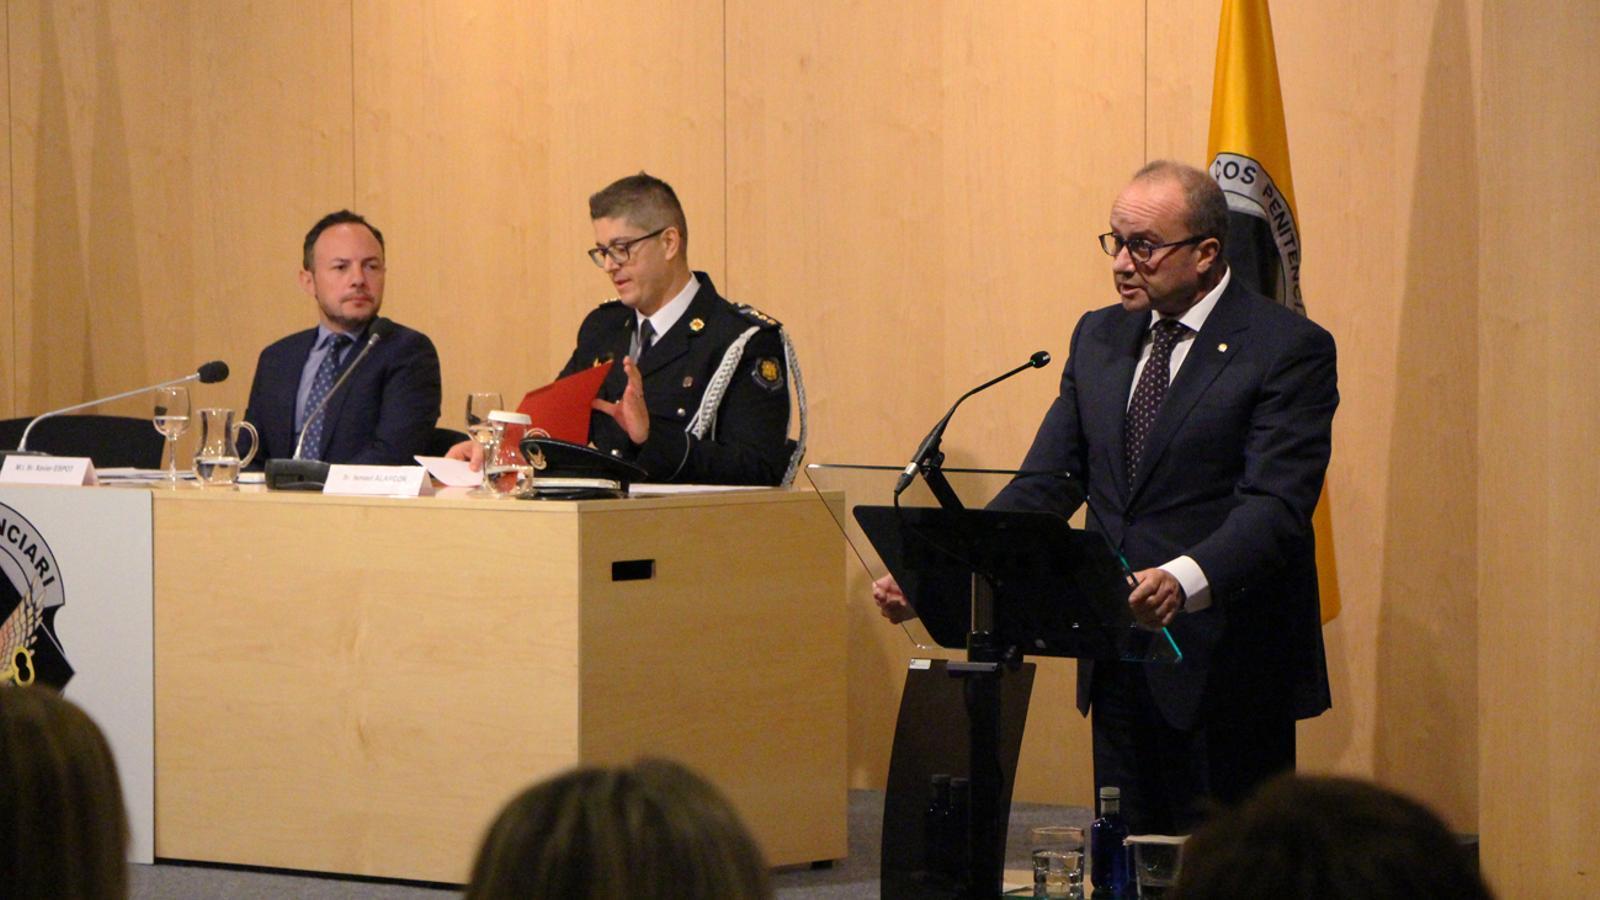 El ministre de Justícia i Interior, Josep Maria Rossell durant l'entrega de medalles a agents penitenciaris. / M. P.